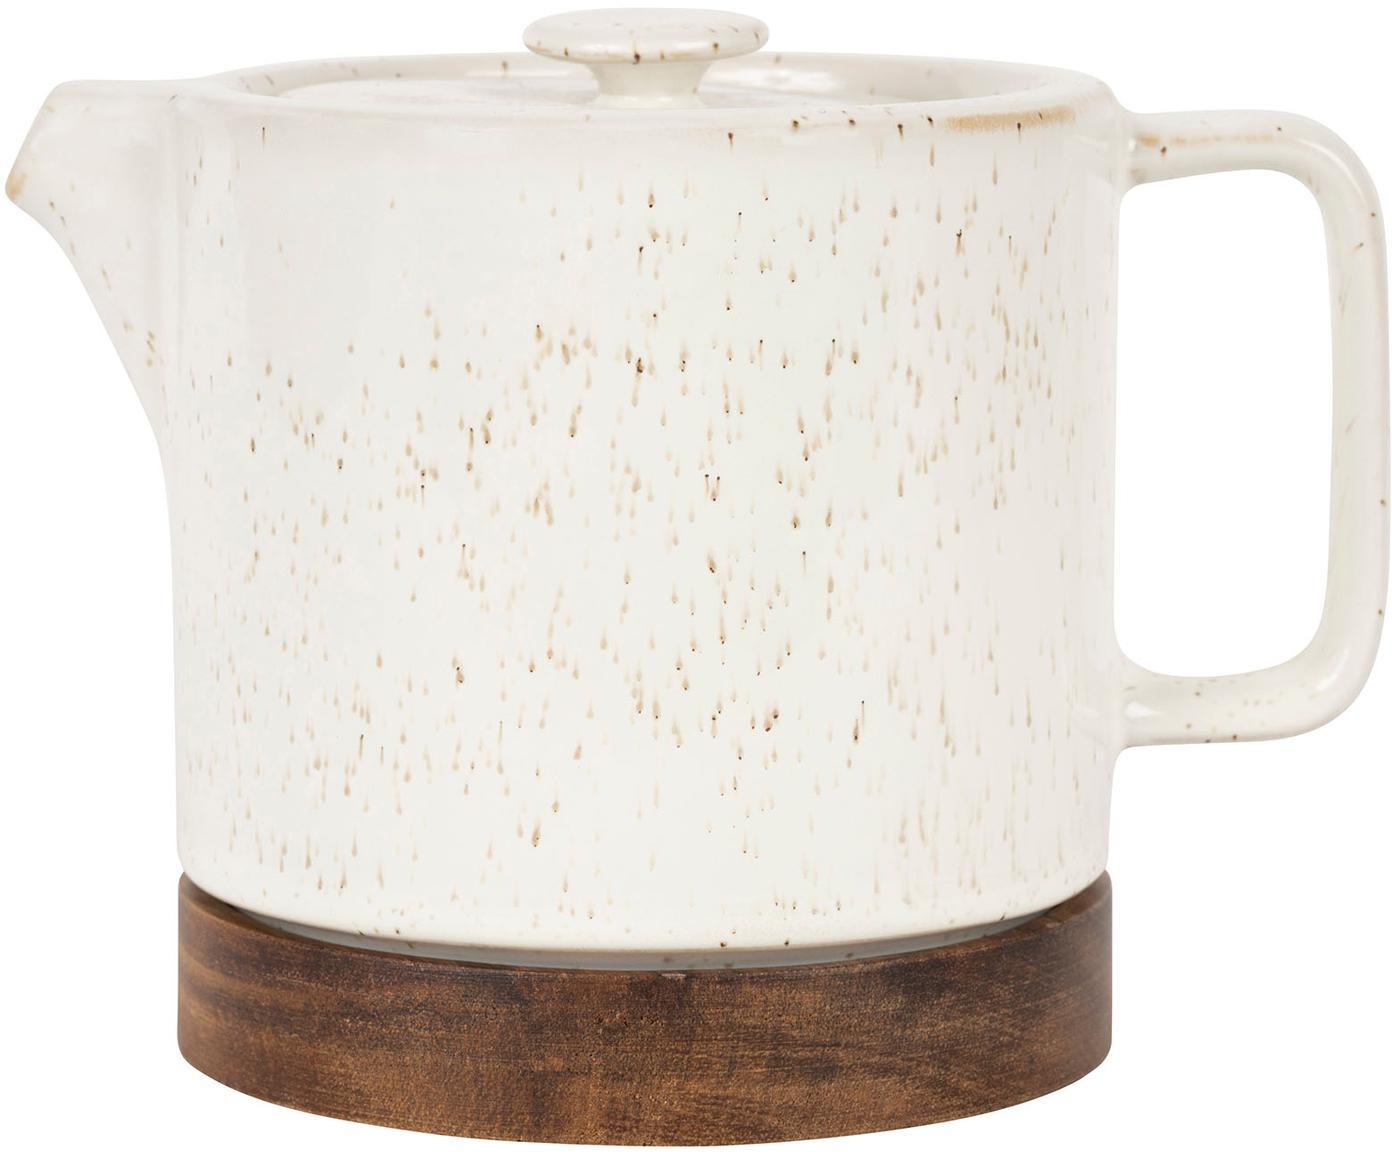 Steingut Teekanne Nordika mit Akazienholzsockel, Steingut, Akazienholz, Weiß, Braun, Ø 12 x H 12 cm